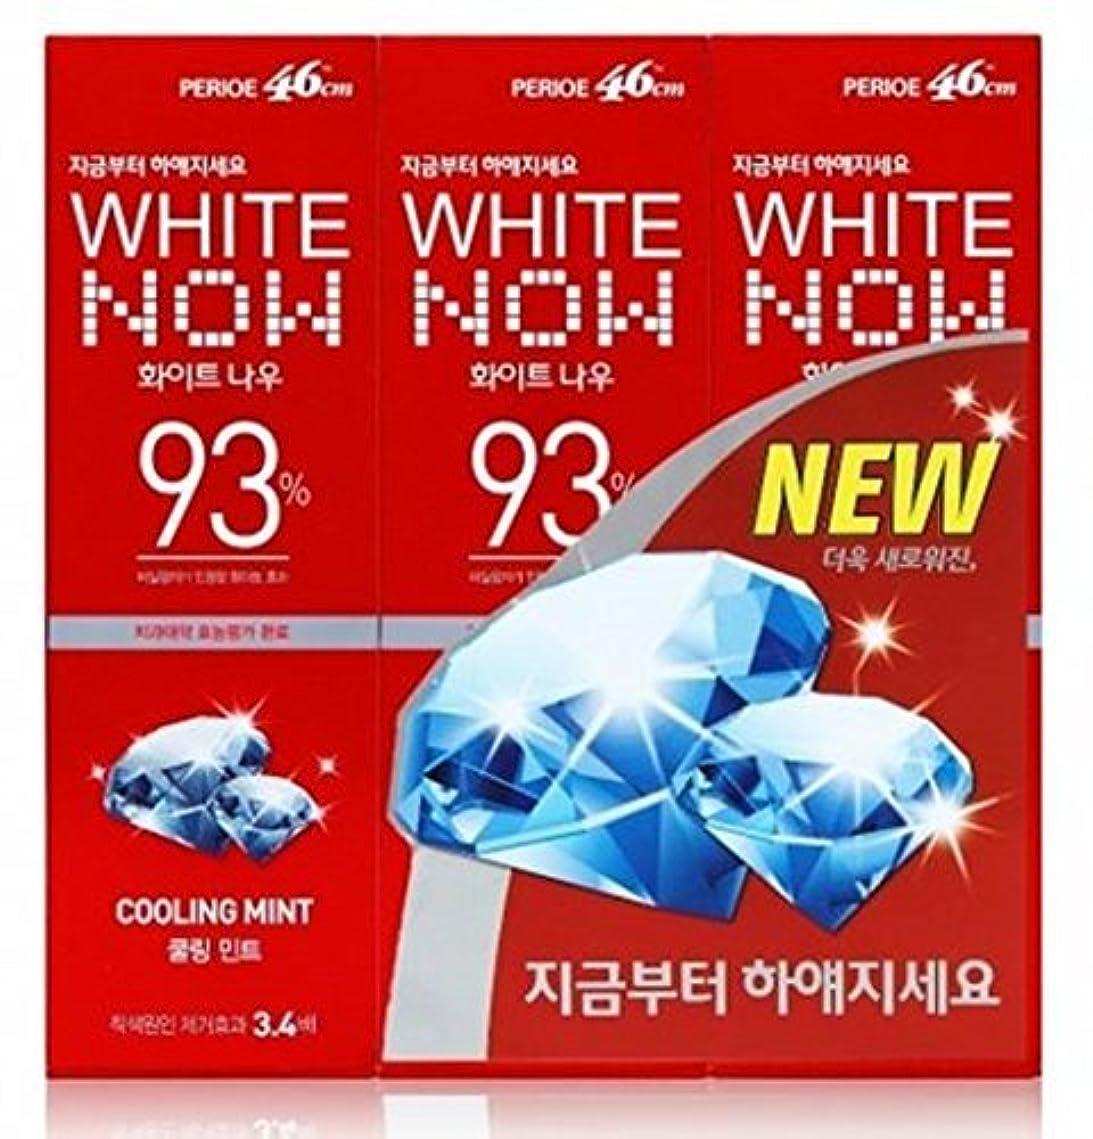 歩き回る労働増強するLg Perioe 46cm Toothpaste Oral Care White Now 93% Cooling Mint 100g X 3 by perioe